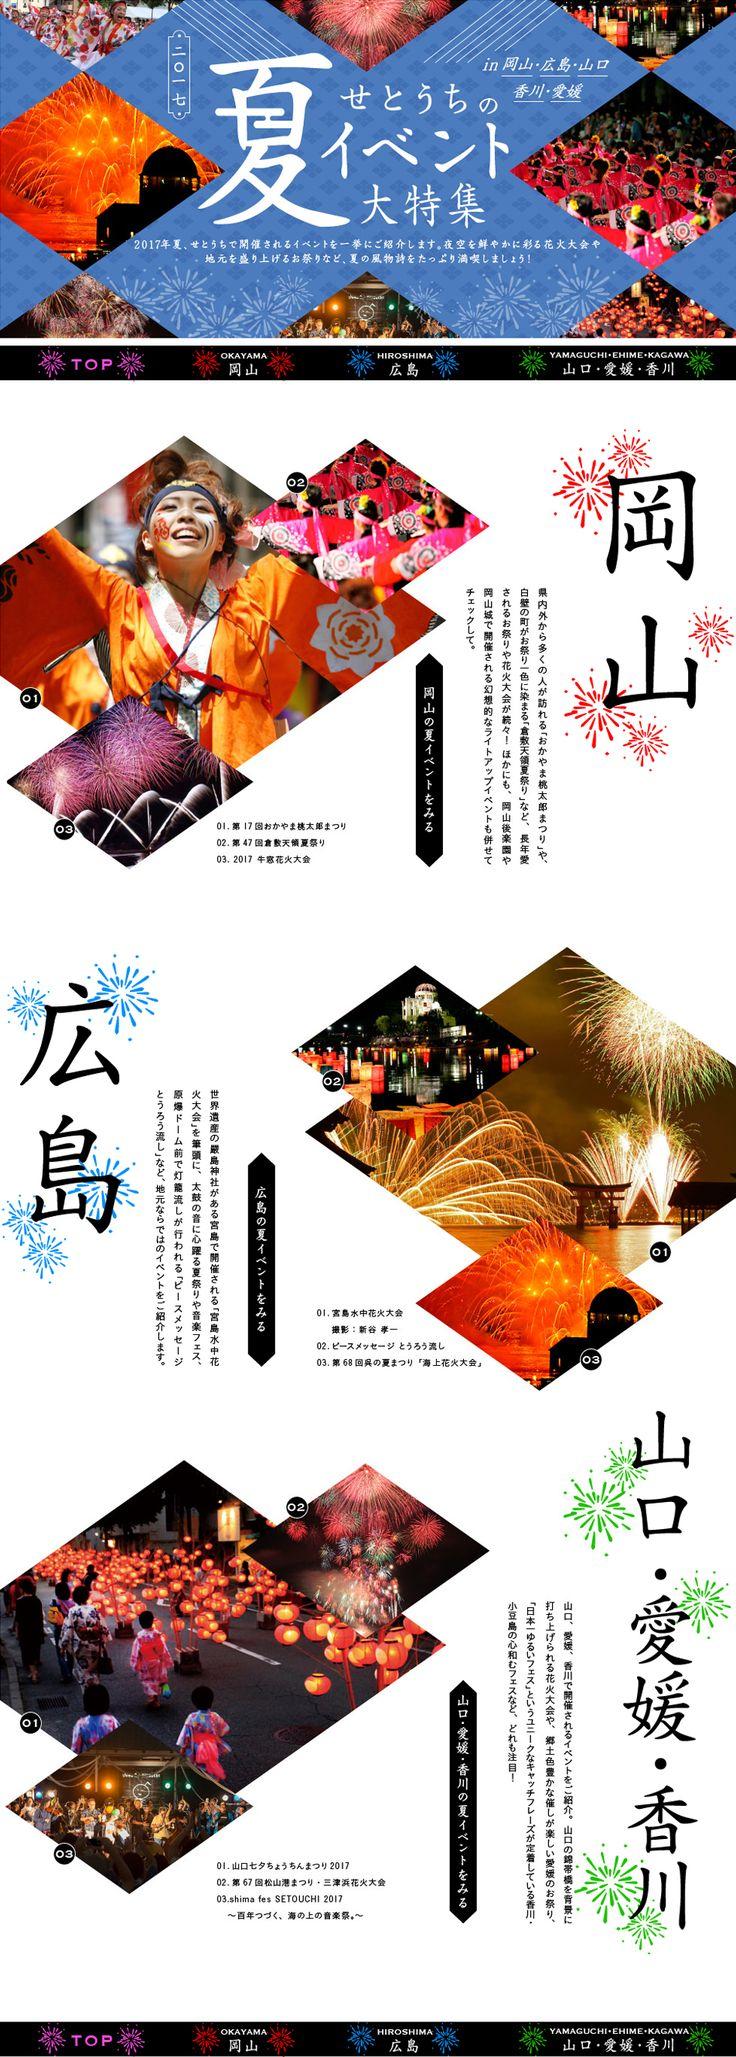 せとうちの夏イベント大特集|WEBデザイナーさん必見!ランディングページのデザイン参考に(和風系)